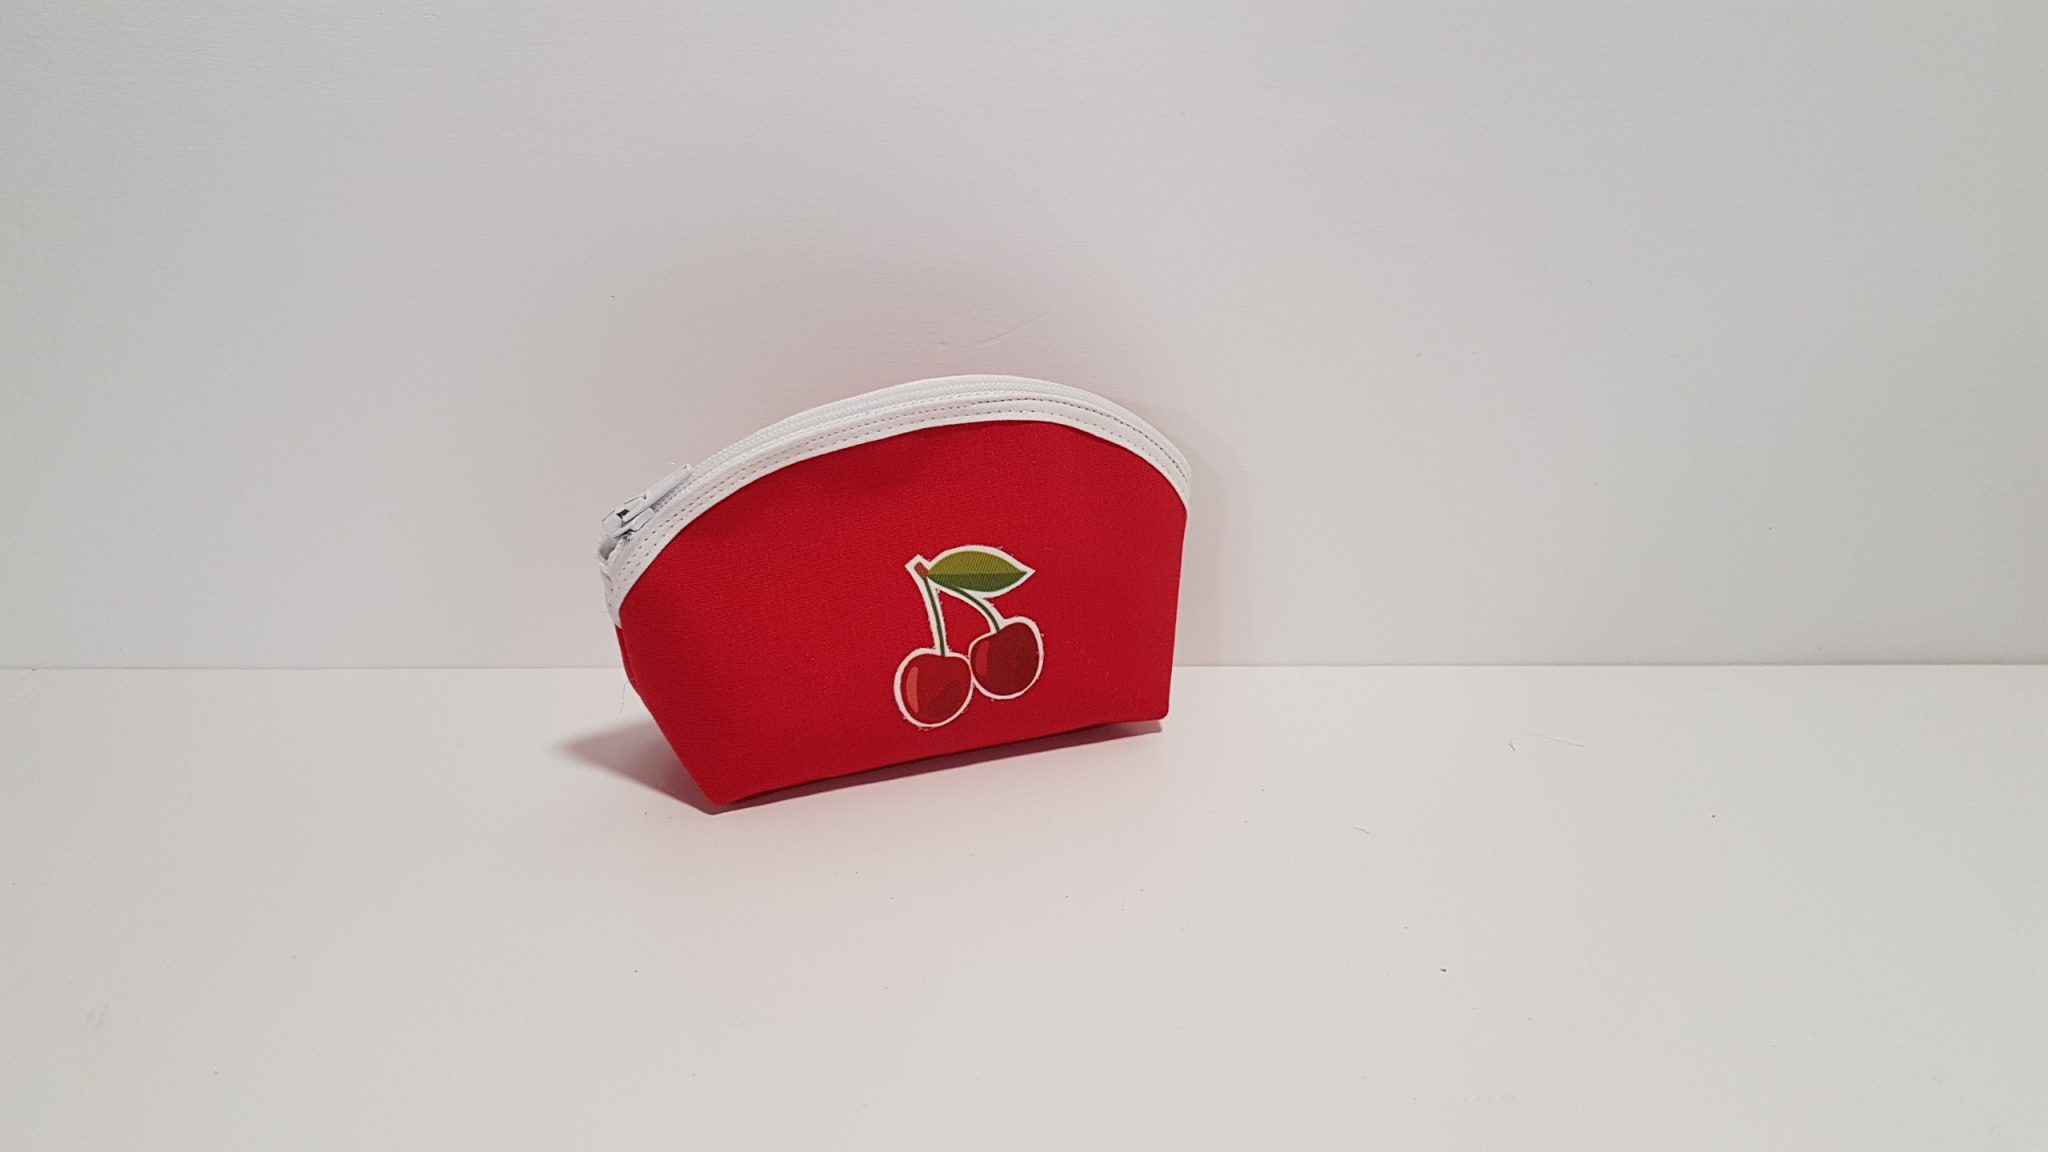 Μπομπονιέρα κόκκινο πορτοφολάκι οβάλ σχήμα με ρέλι και κεράσια.